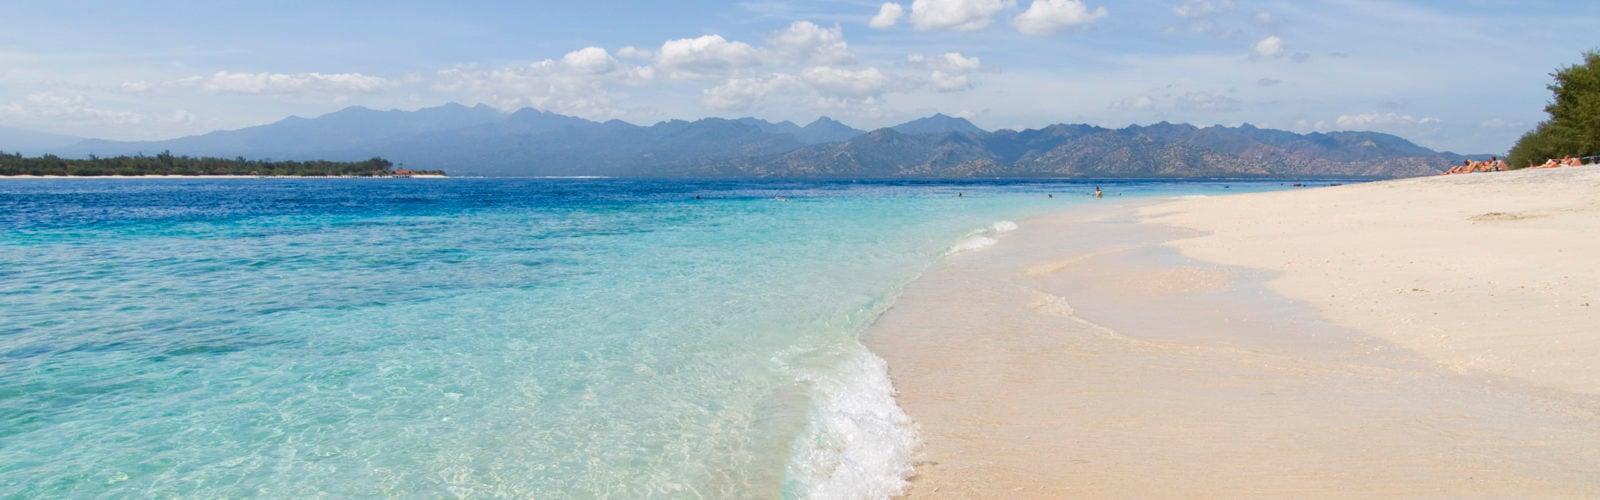 gili-islands-beach